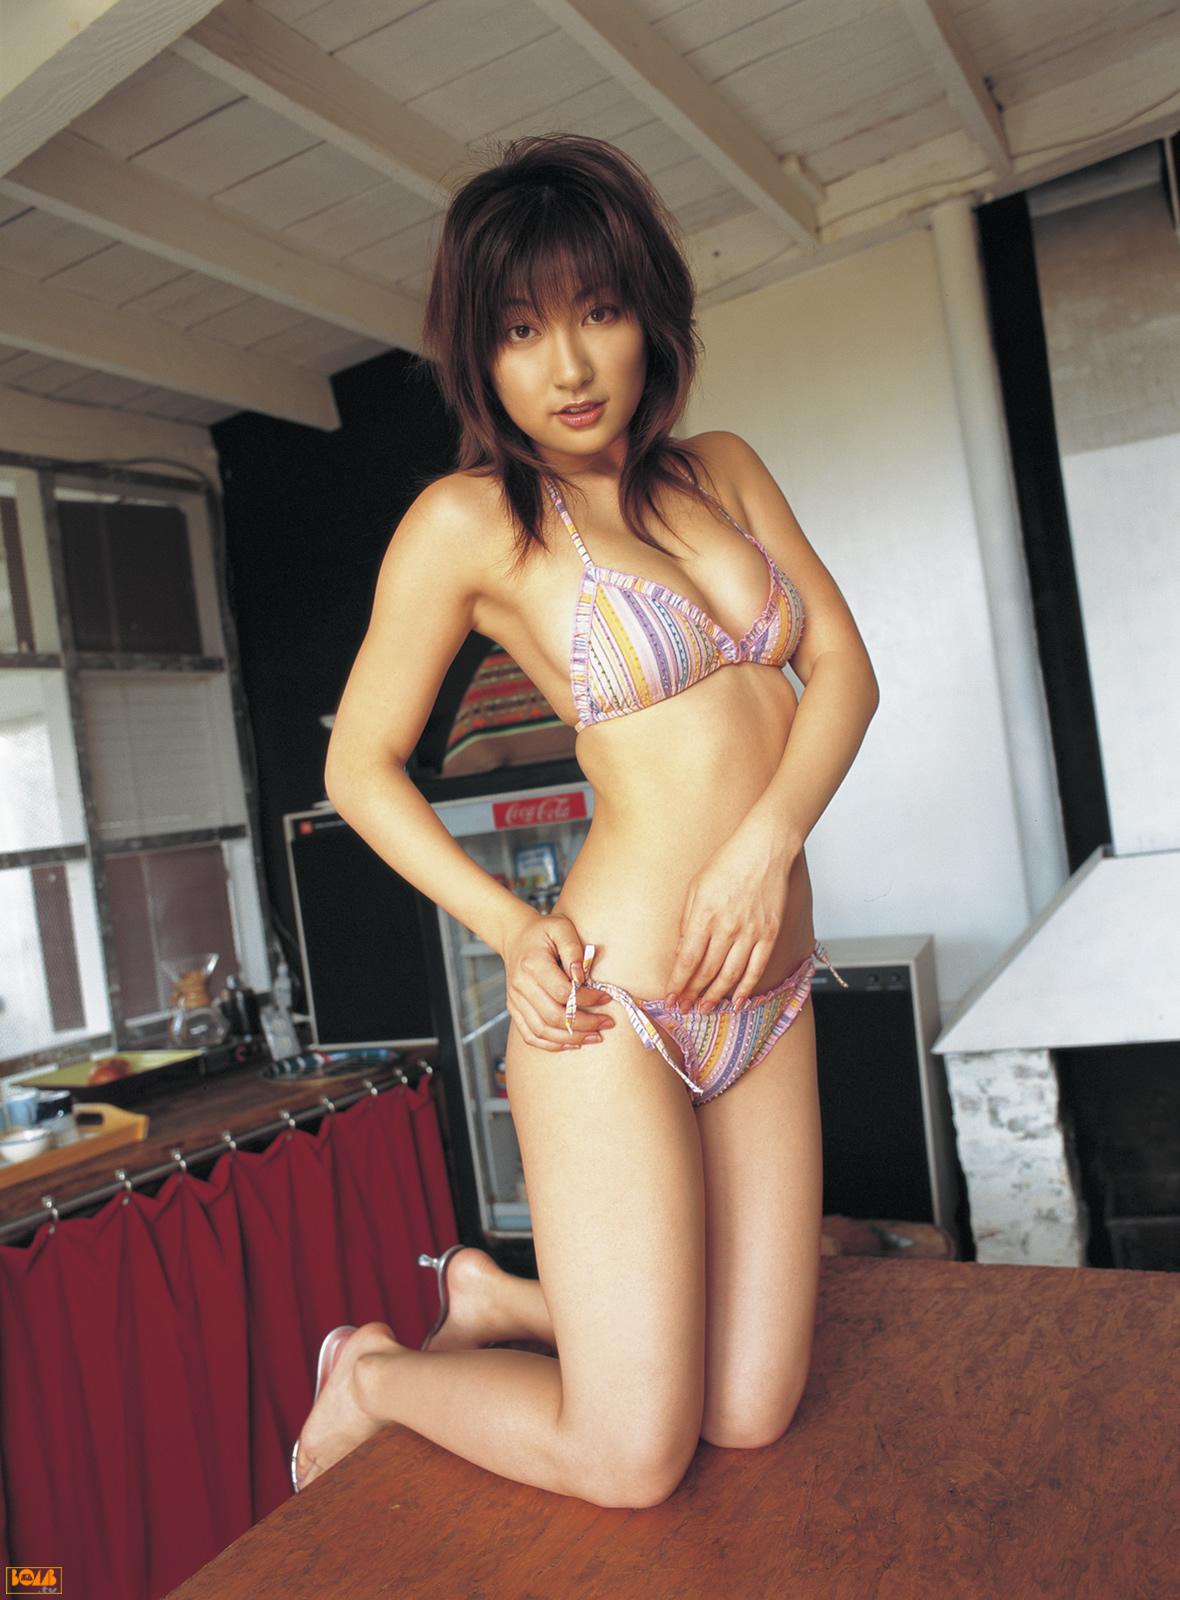 [FP] [BOMB.tv] 2005.02 Yoko Kumada 熊田曜子